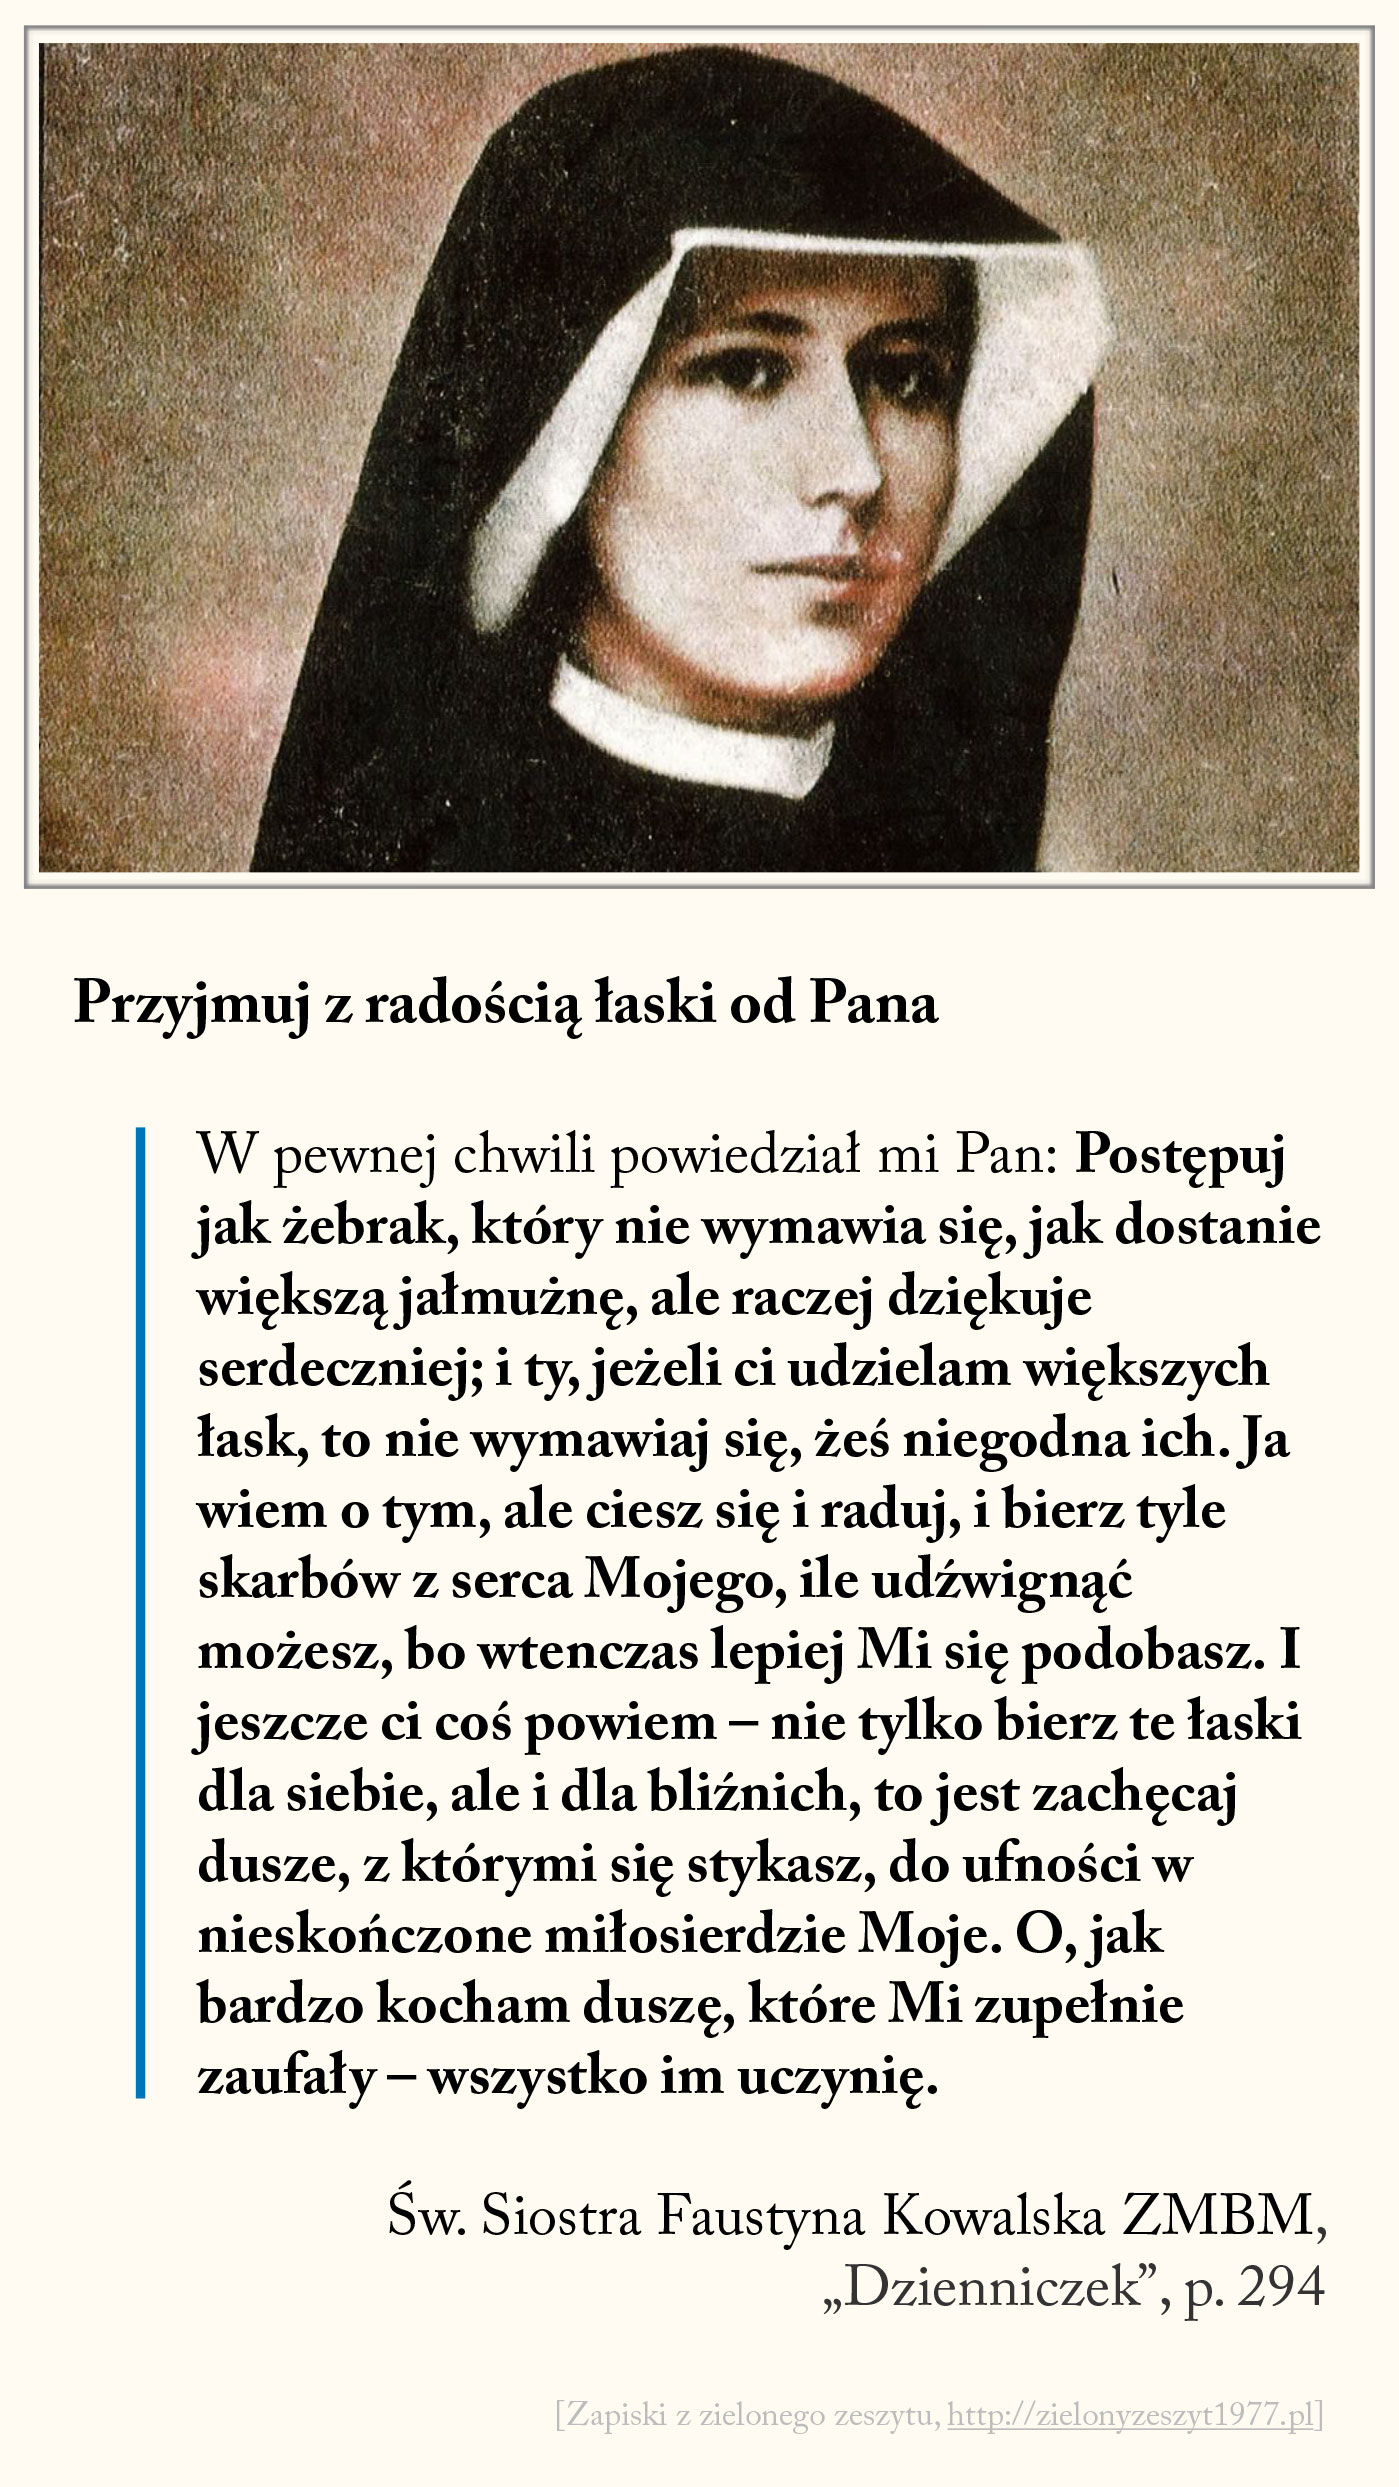 Przyjmuj z radością łaski od Pana, św. Faustyna Kowalska